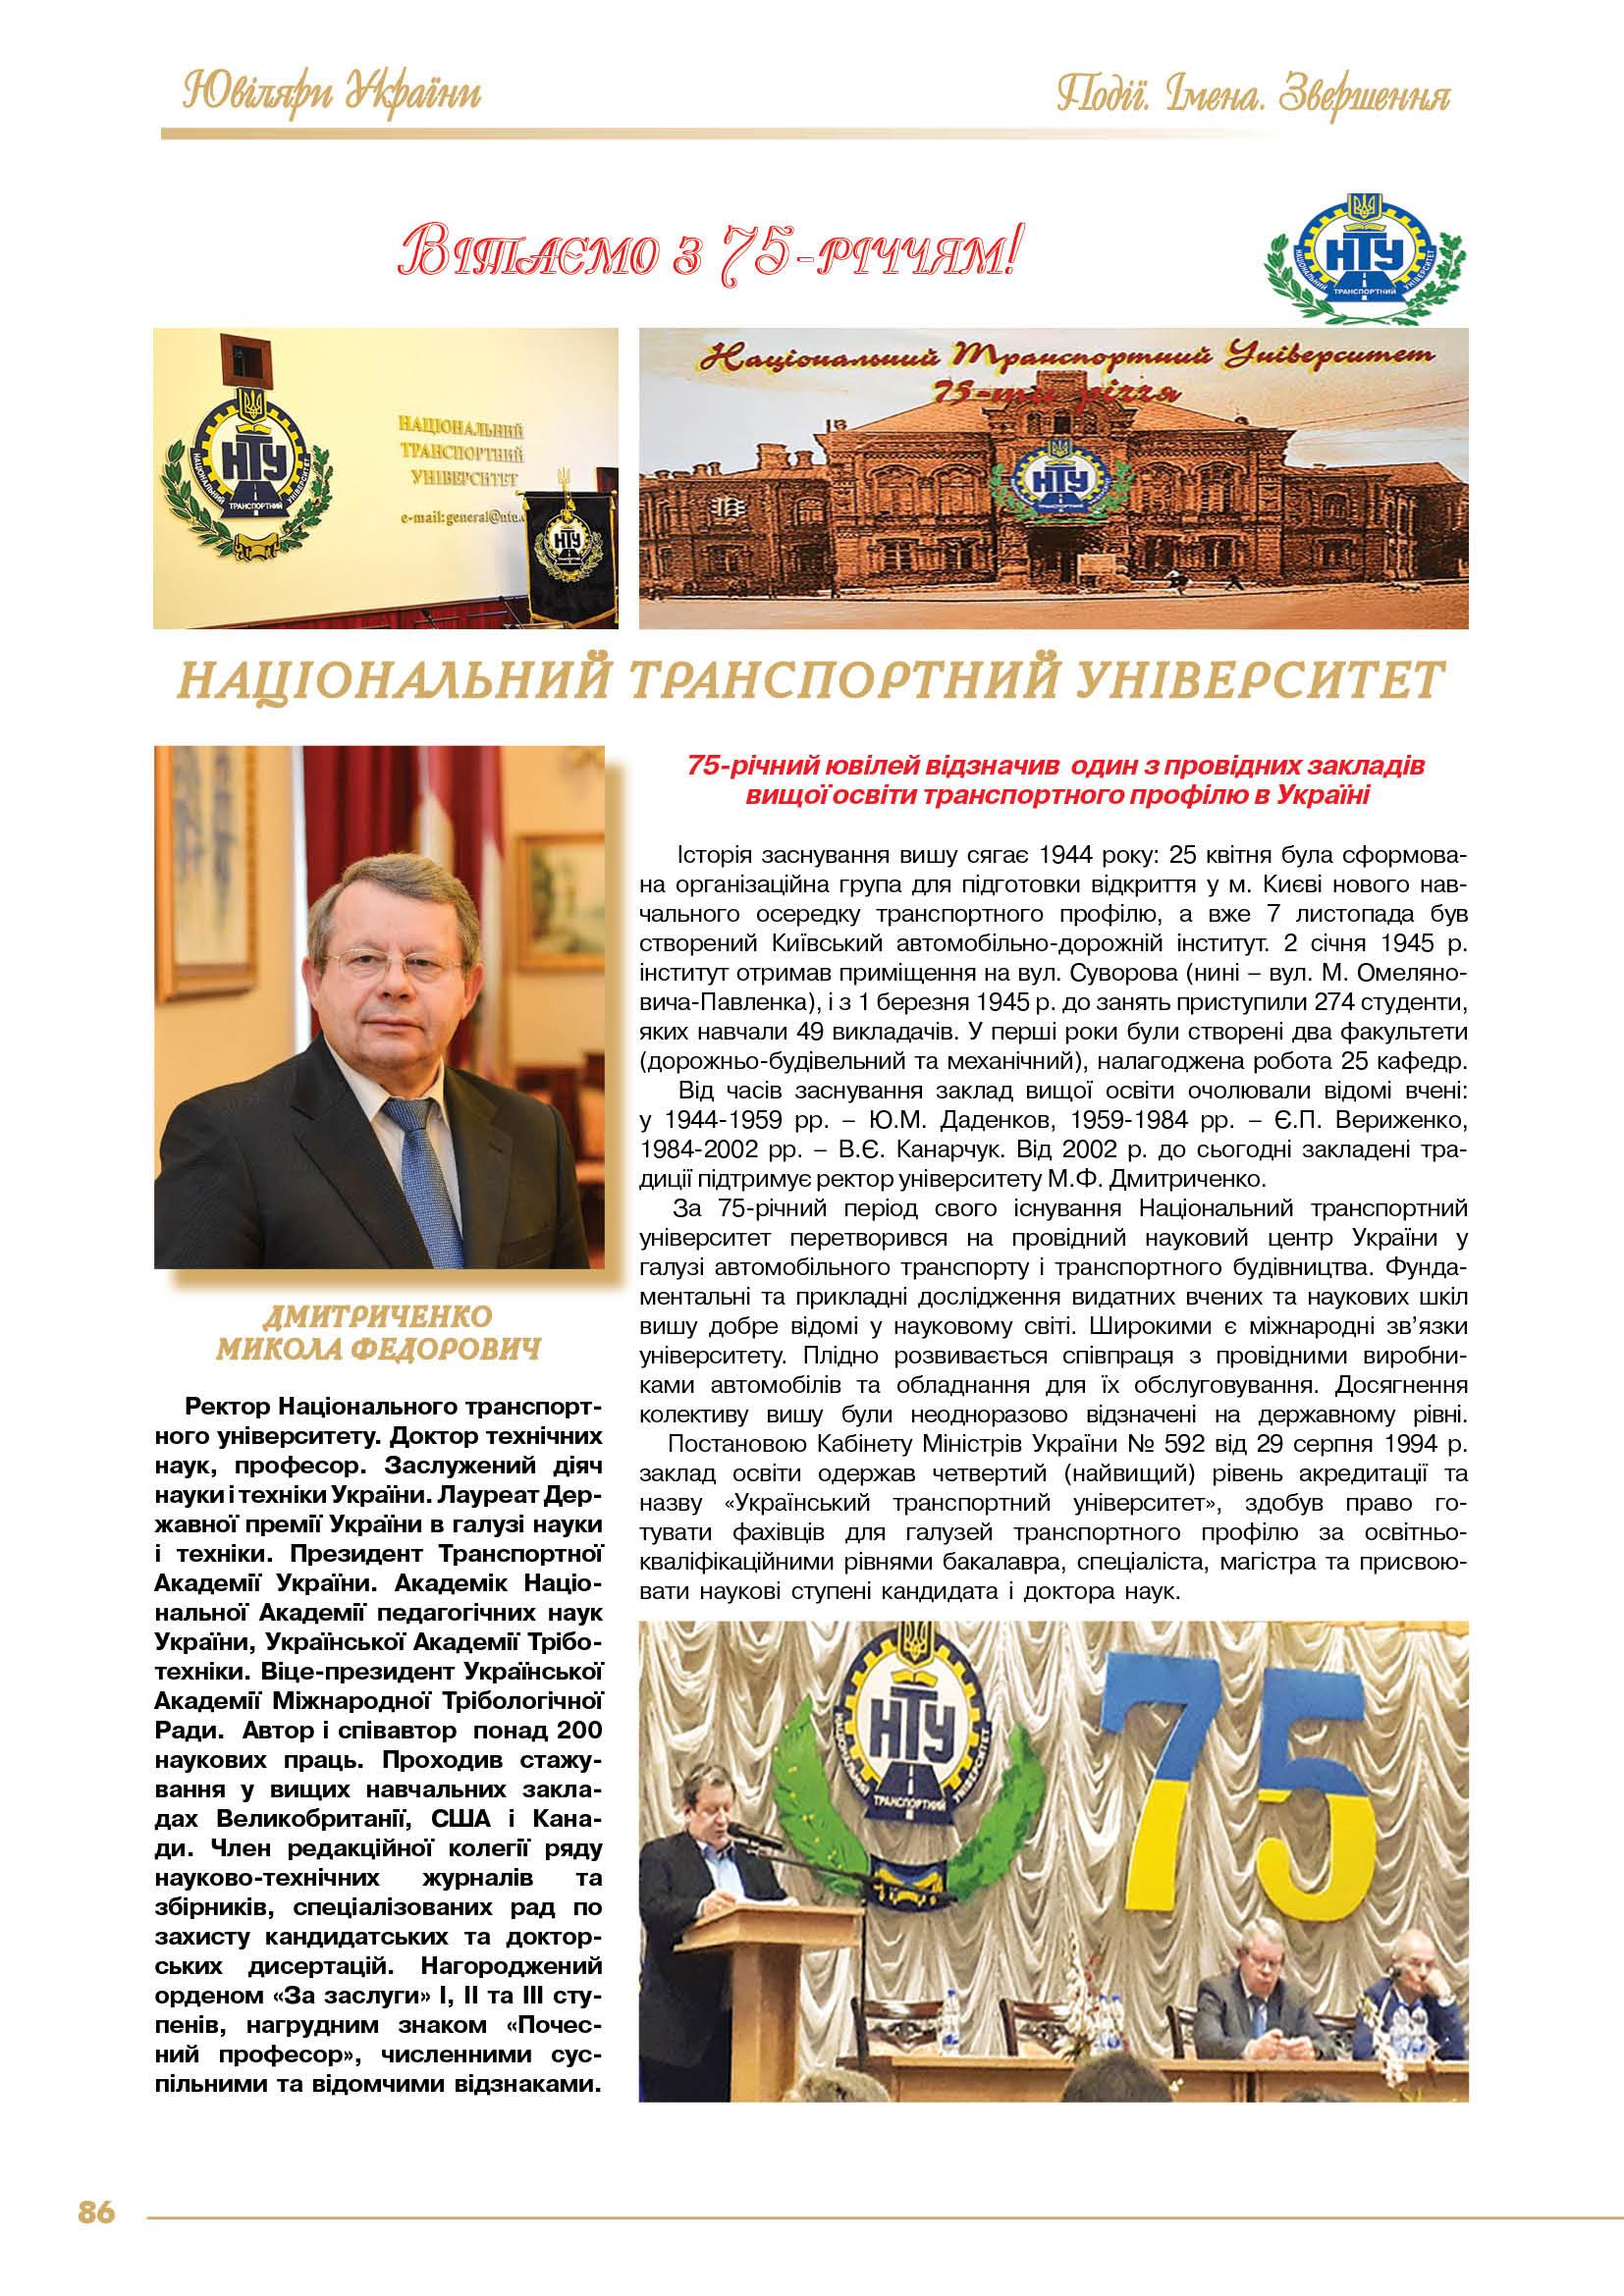 Національний транспортний університет - ректор Дмитриченко Микола Федорович